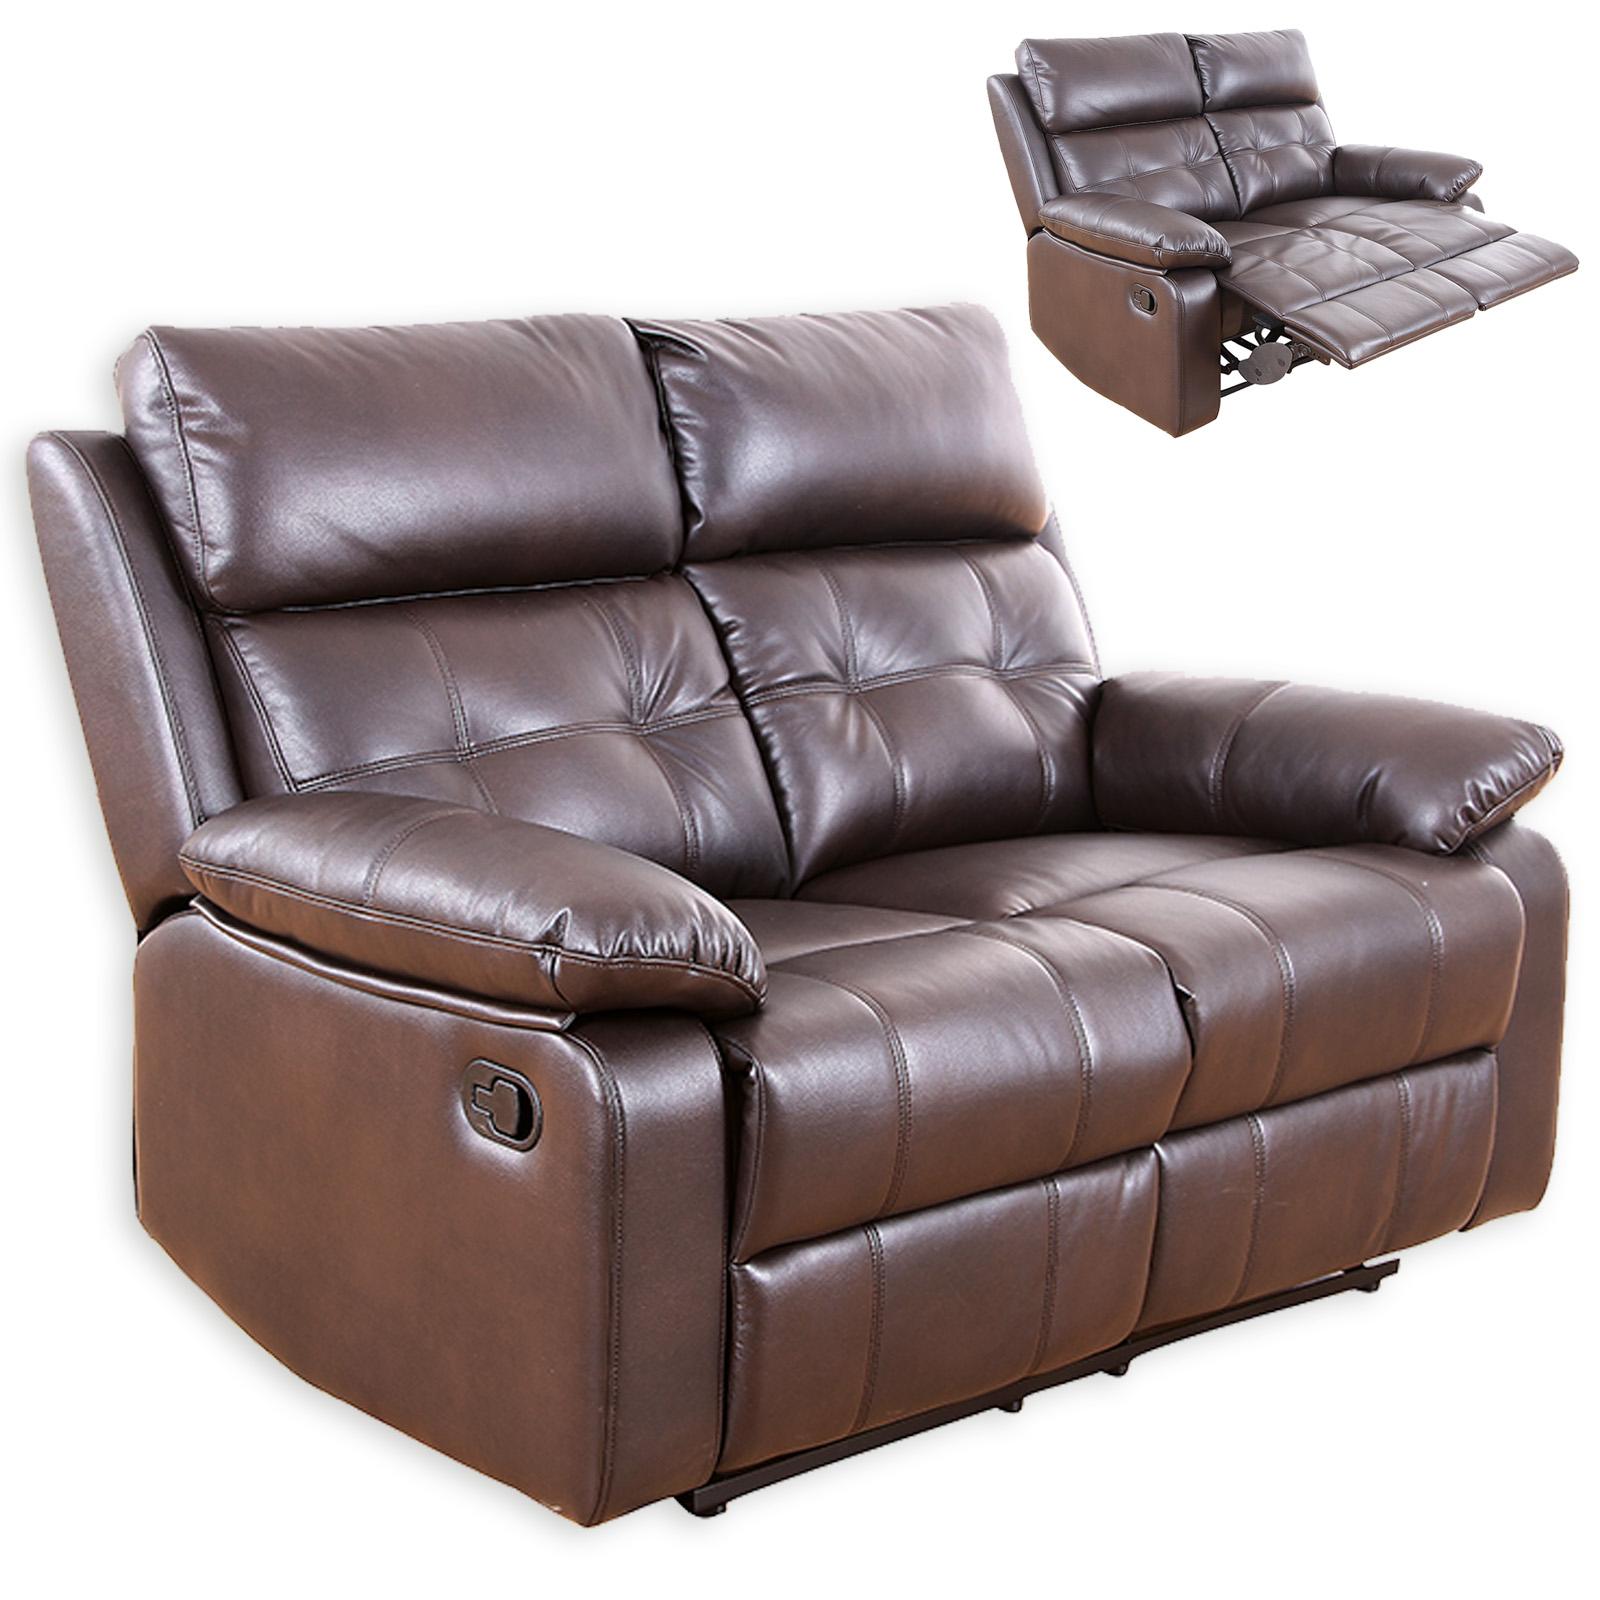 Full Size of 2 Sitzer Sofa Mit Elektrischer Relaxfunktion Gebraucht 5 Elektrisch 2 Sitzer City Leder Stressless 5 Sitzer   Grau 196 Cm Breit Stoff Integrierter Tischablage Sofa 2 Sitzer Sofa Mit Relaxfunktion